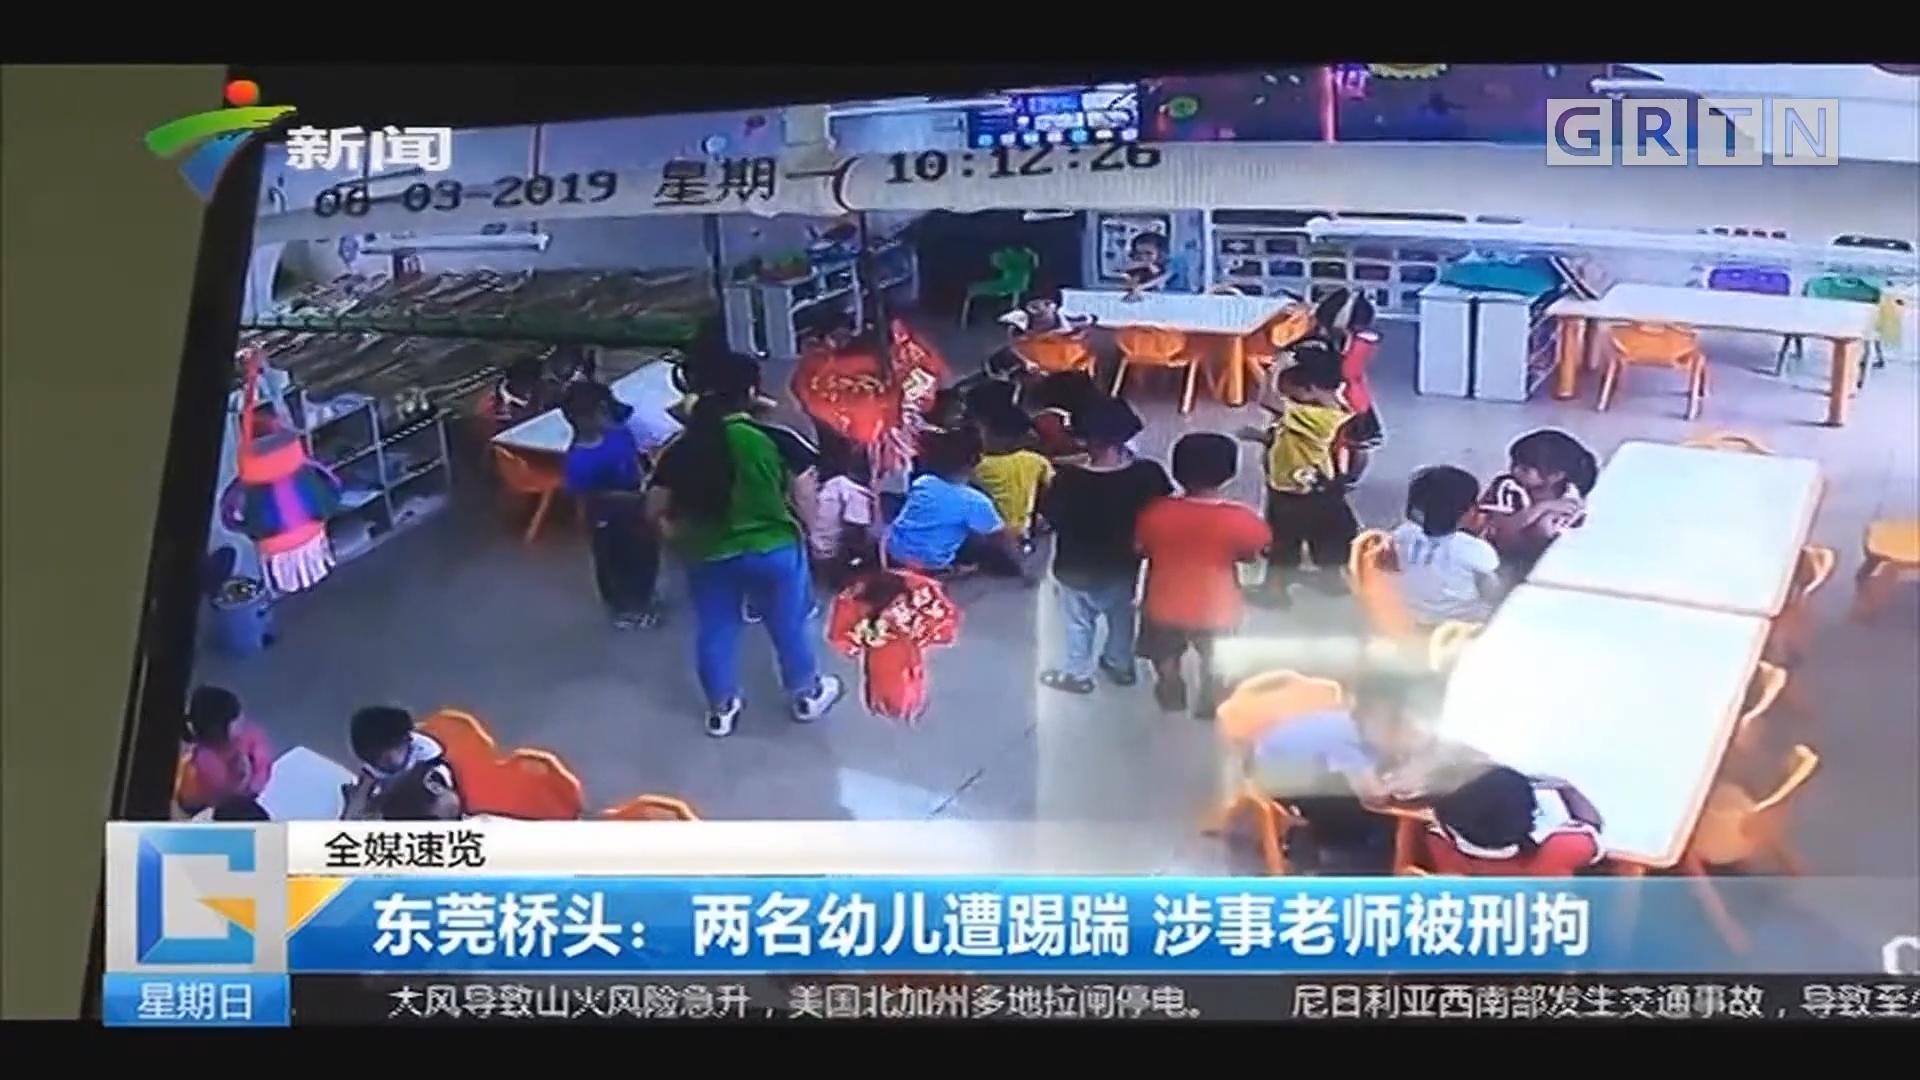 东莞桥头:两名幼儿遭踢踹 涉事老师被刑拘